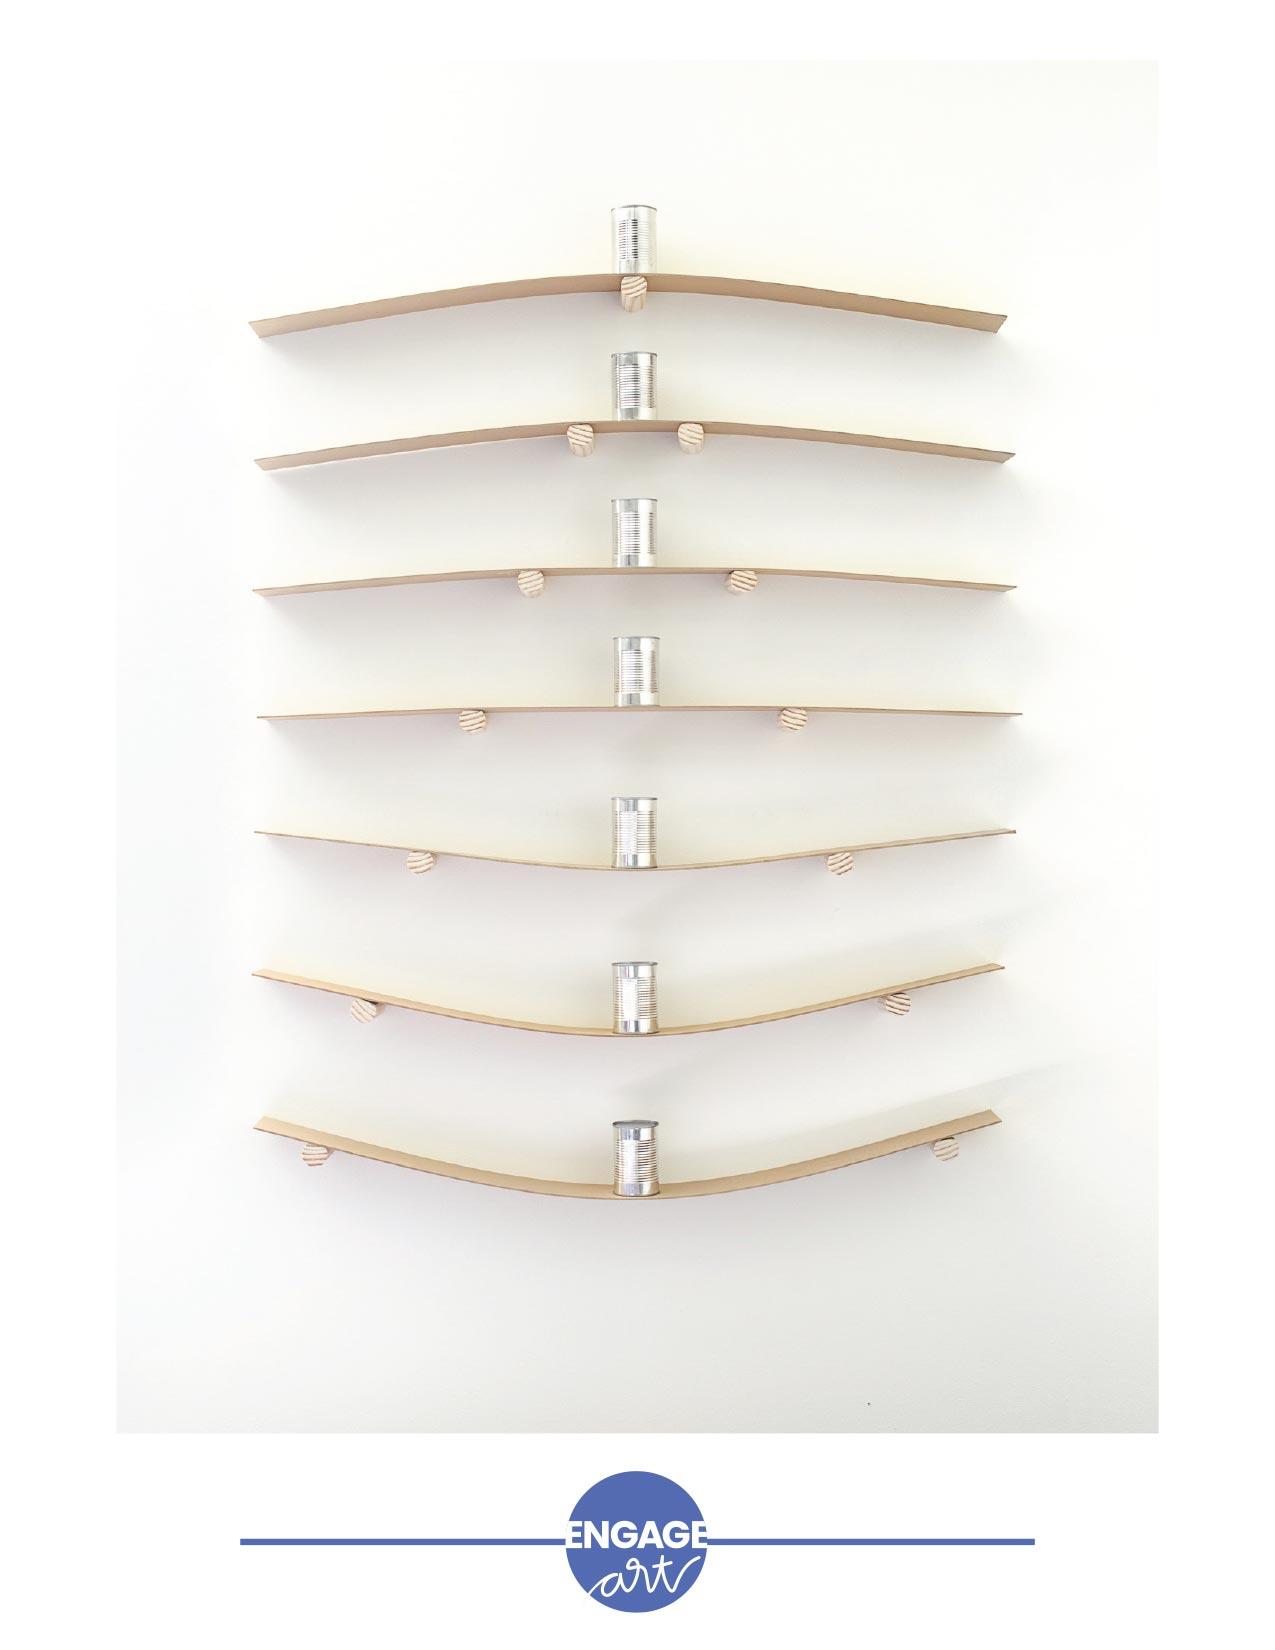 Gravity (Shelves)